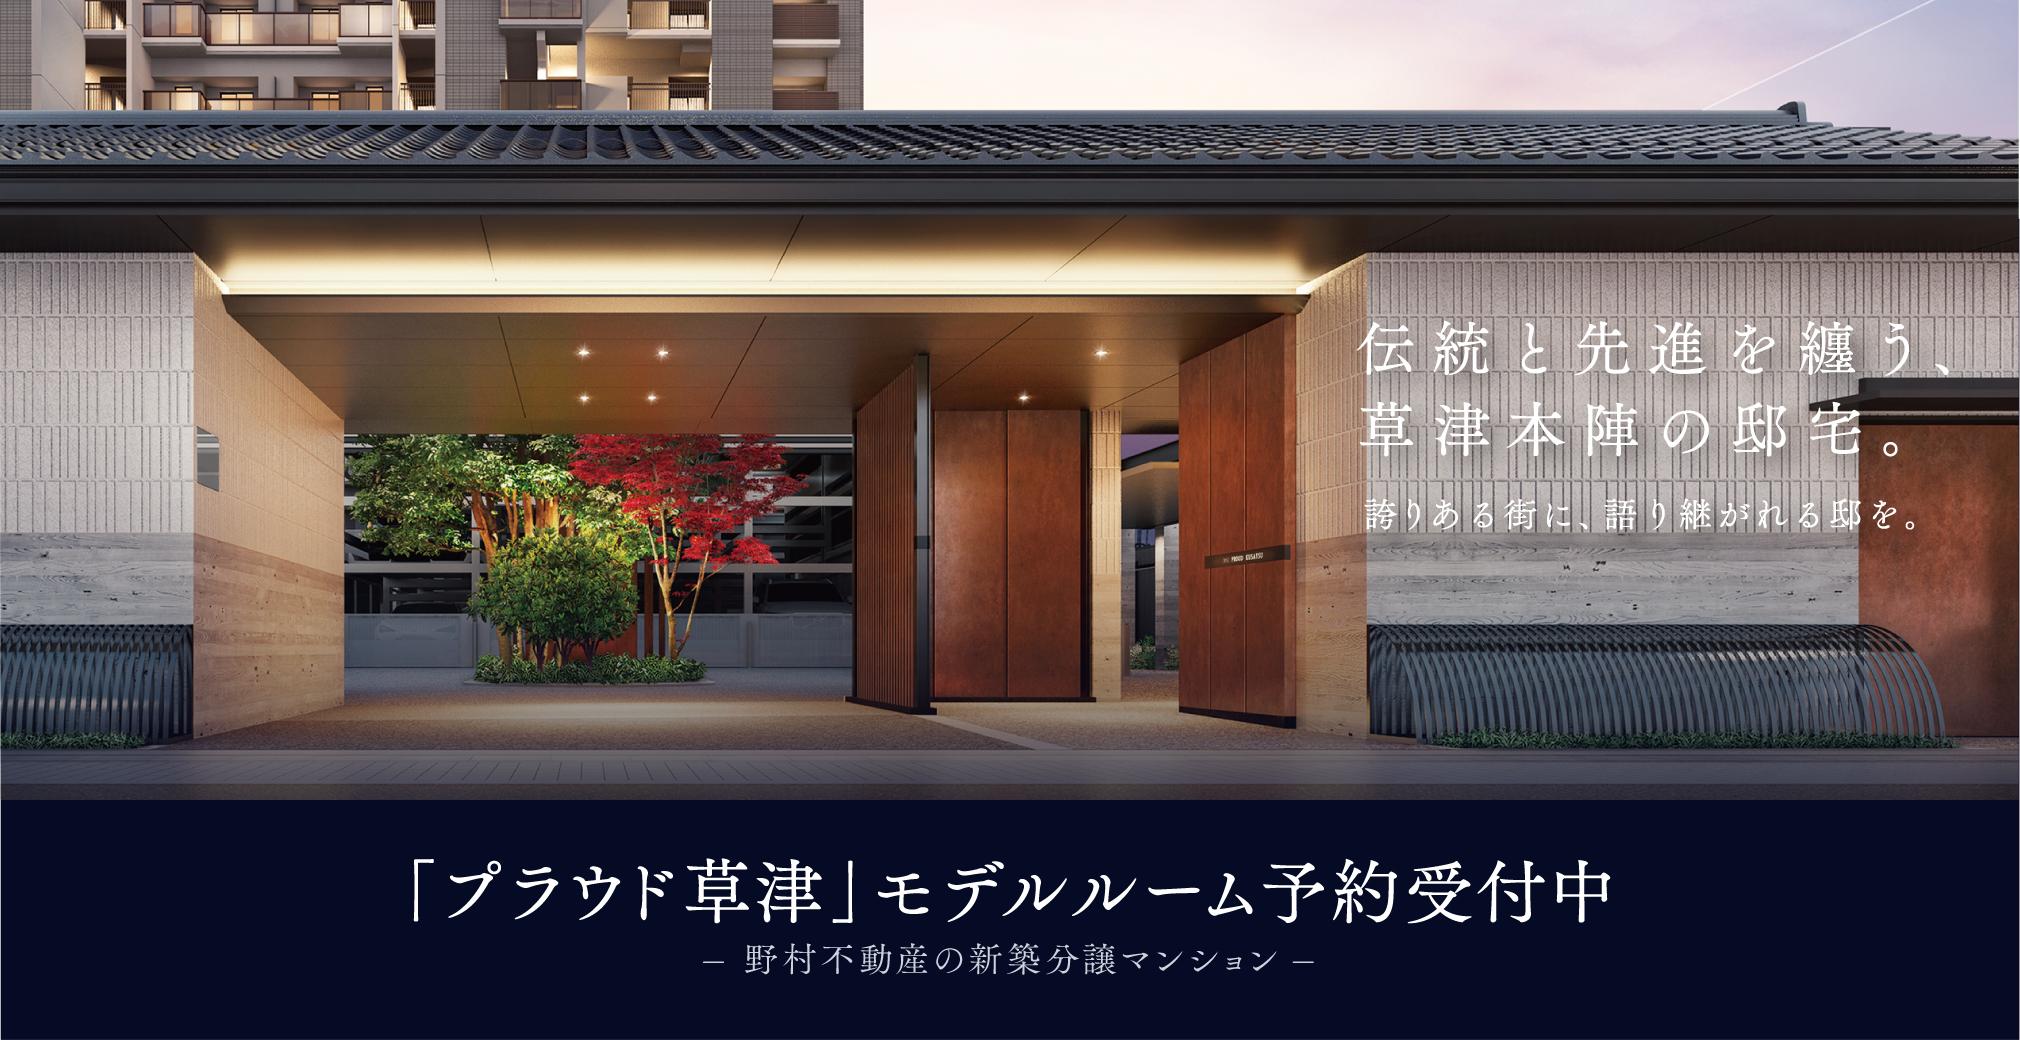 「プラウド草津」モデルルーム予約受付中 -野村不動産の新築分譲マンション-